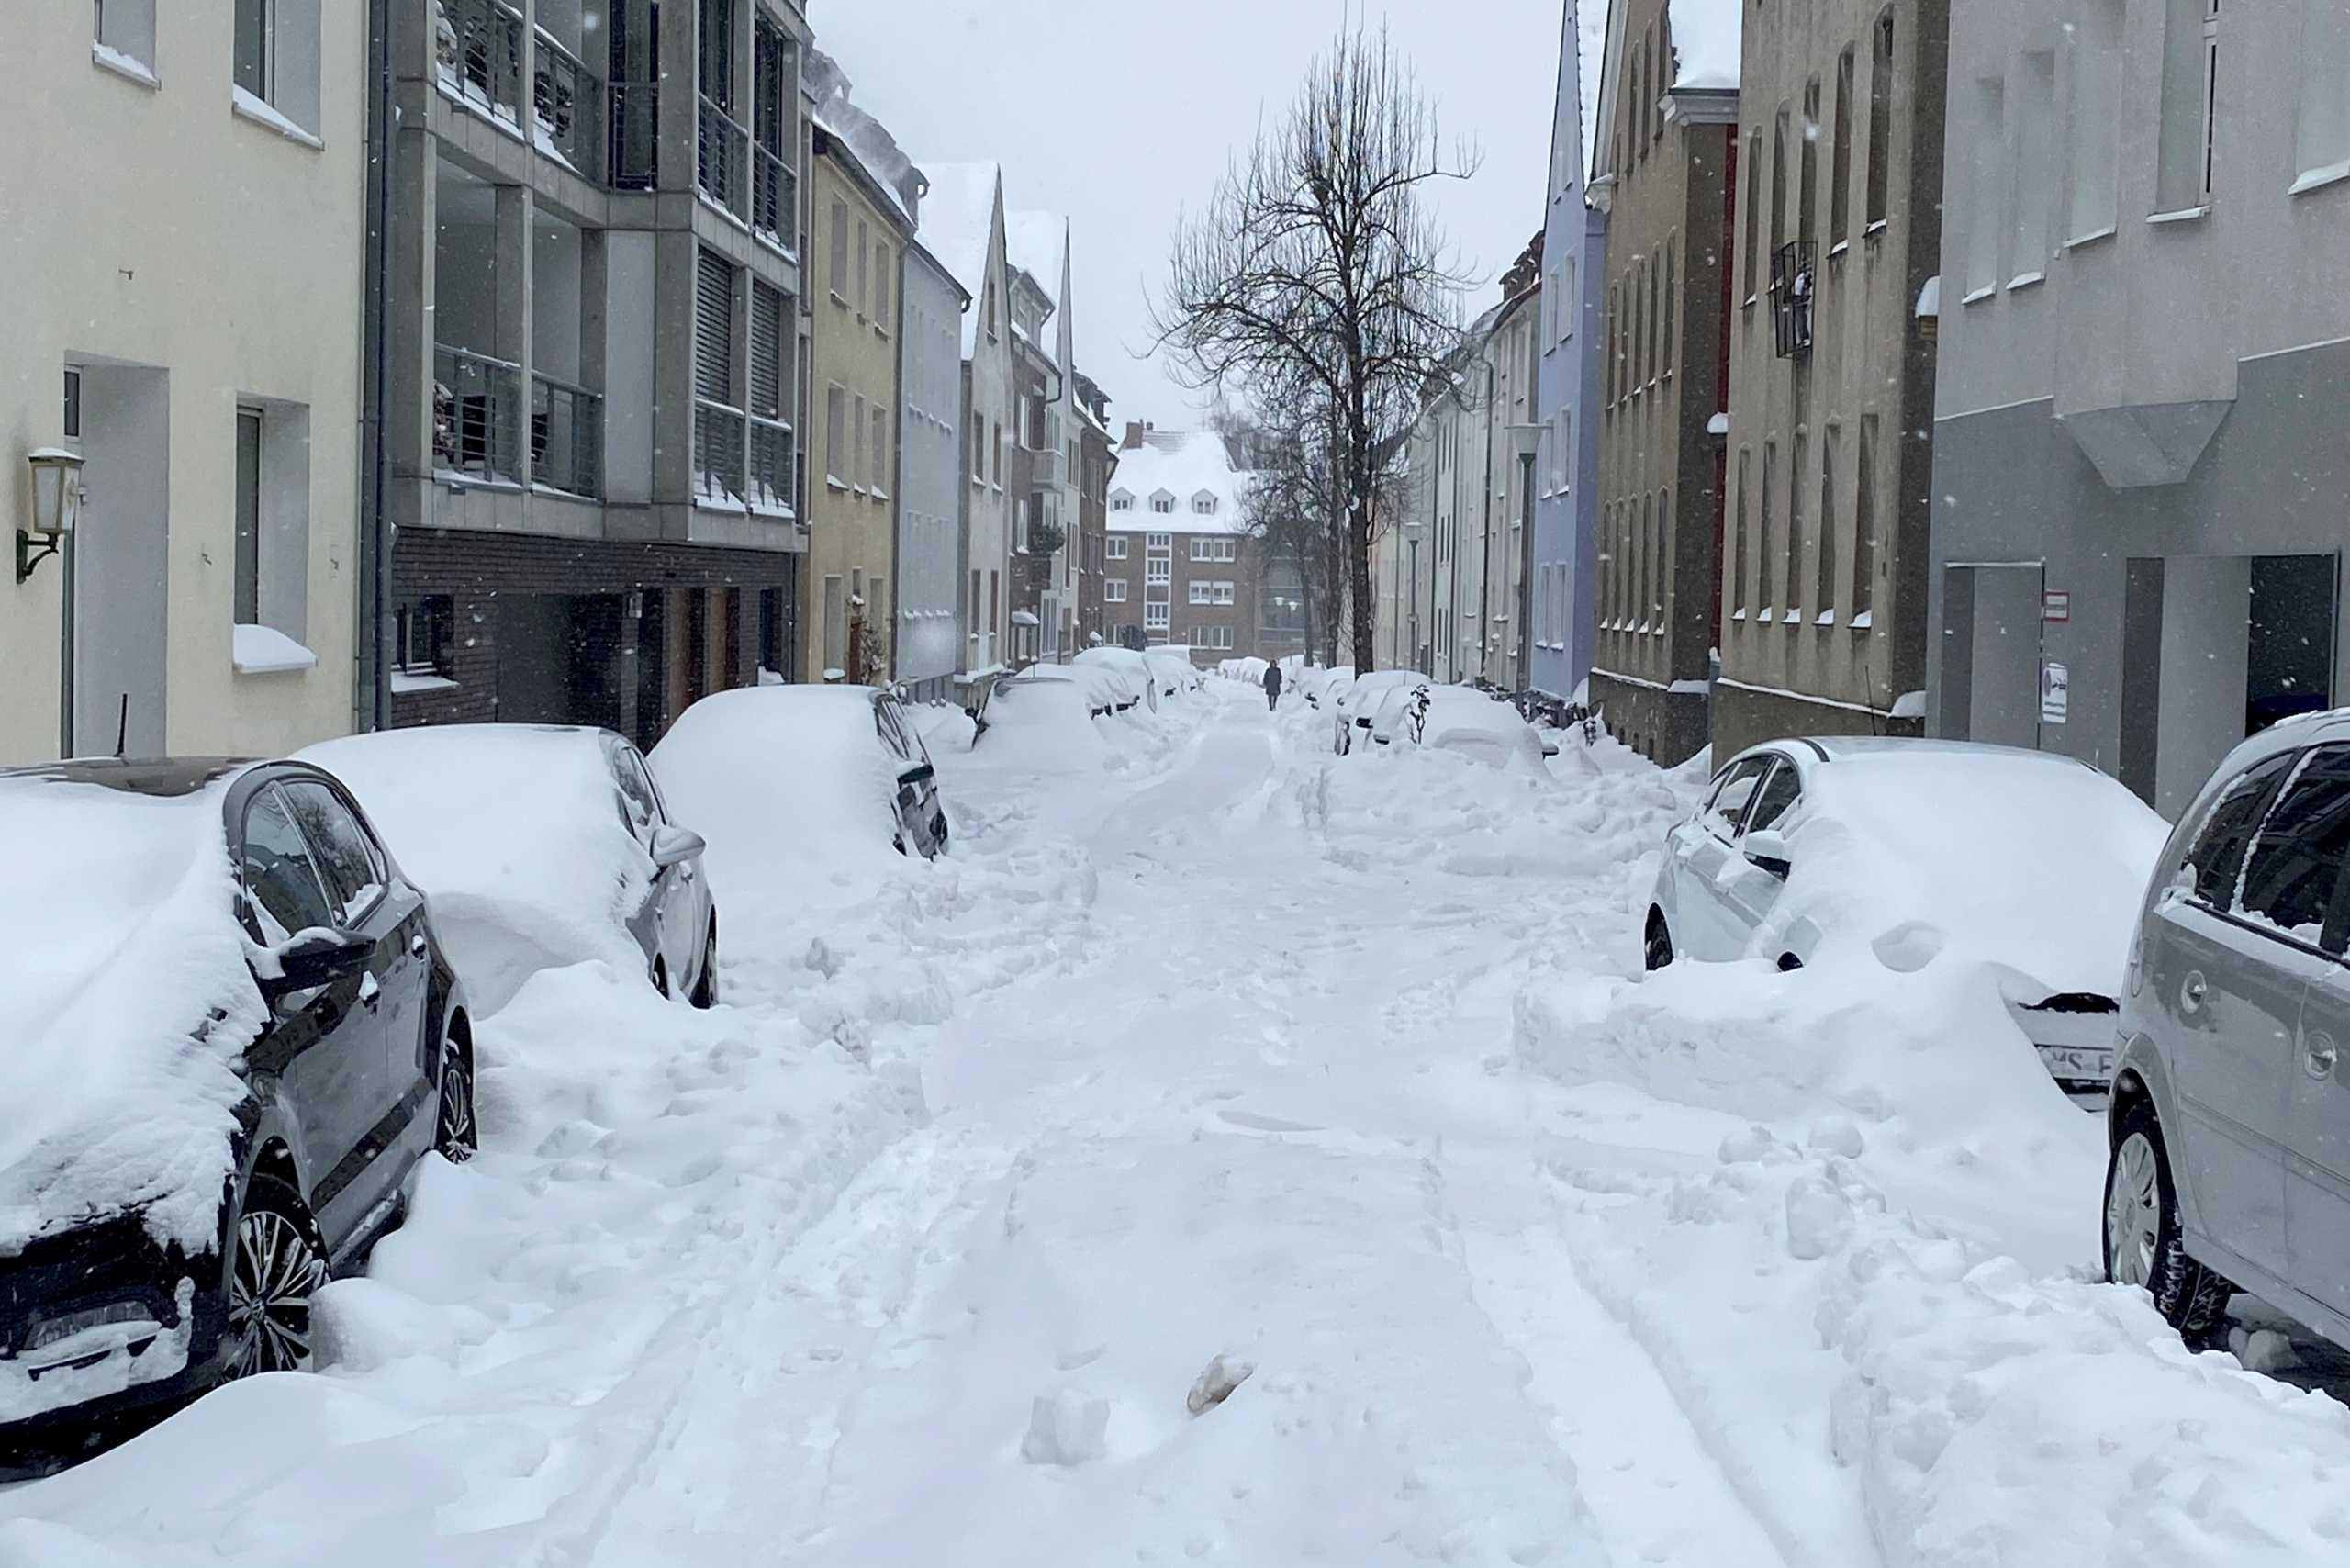 Σαρώνει την Ευρώπη η χιονοθύελλα Ντάρσι – Προβλήματα σε Γερμανία και Ολλανδία (pics, video)